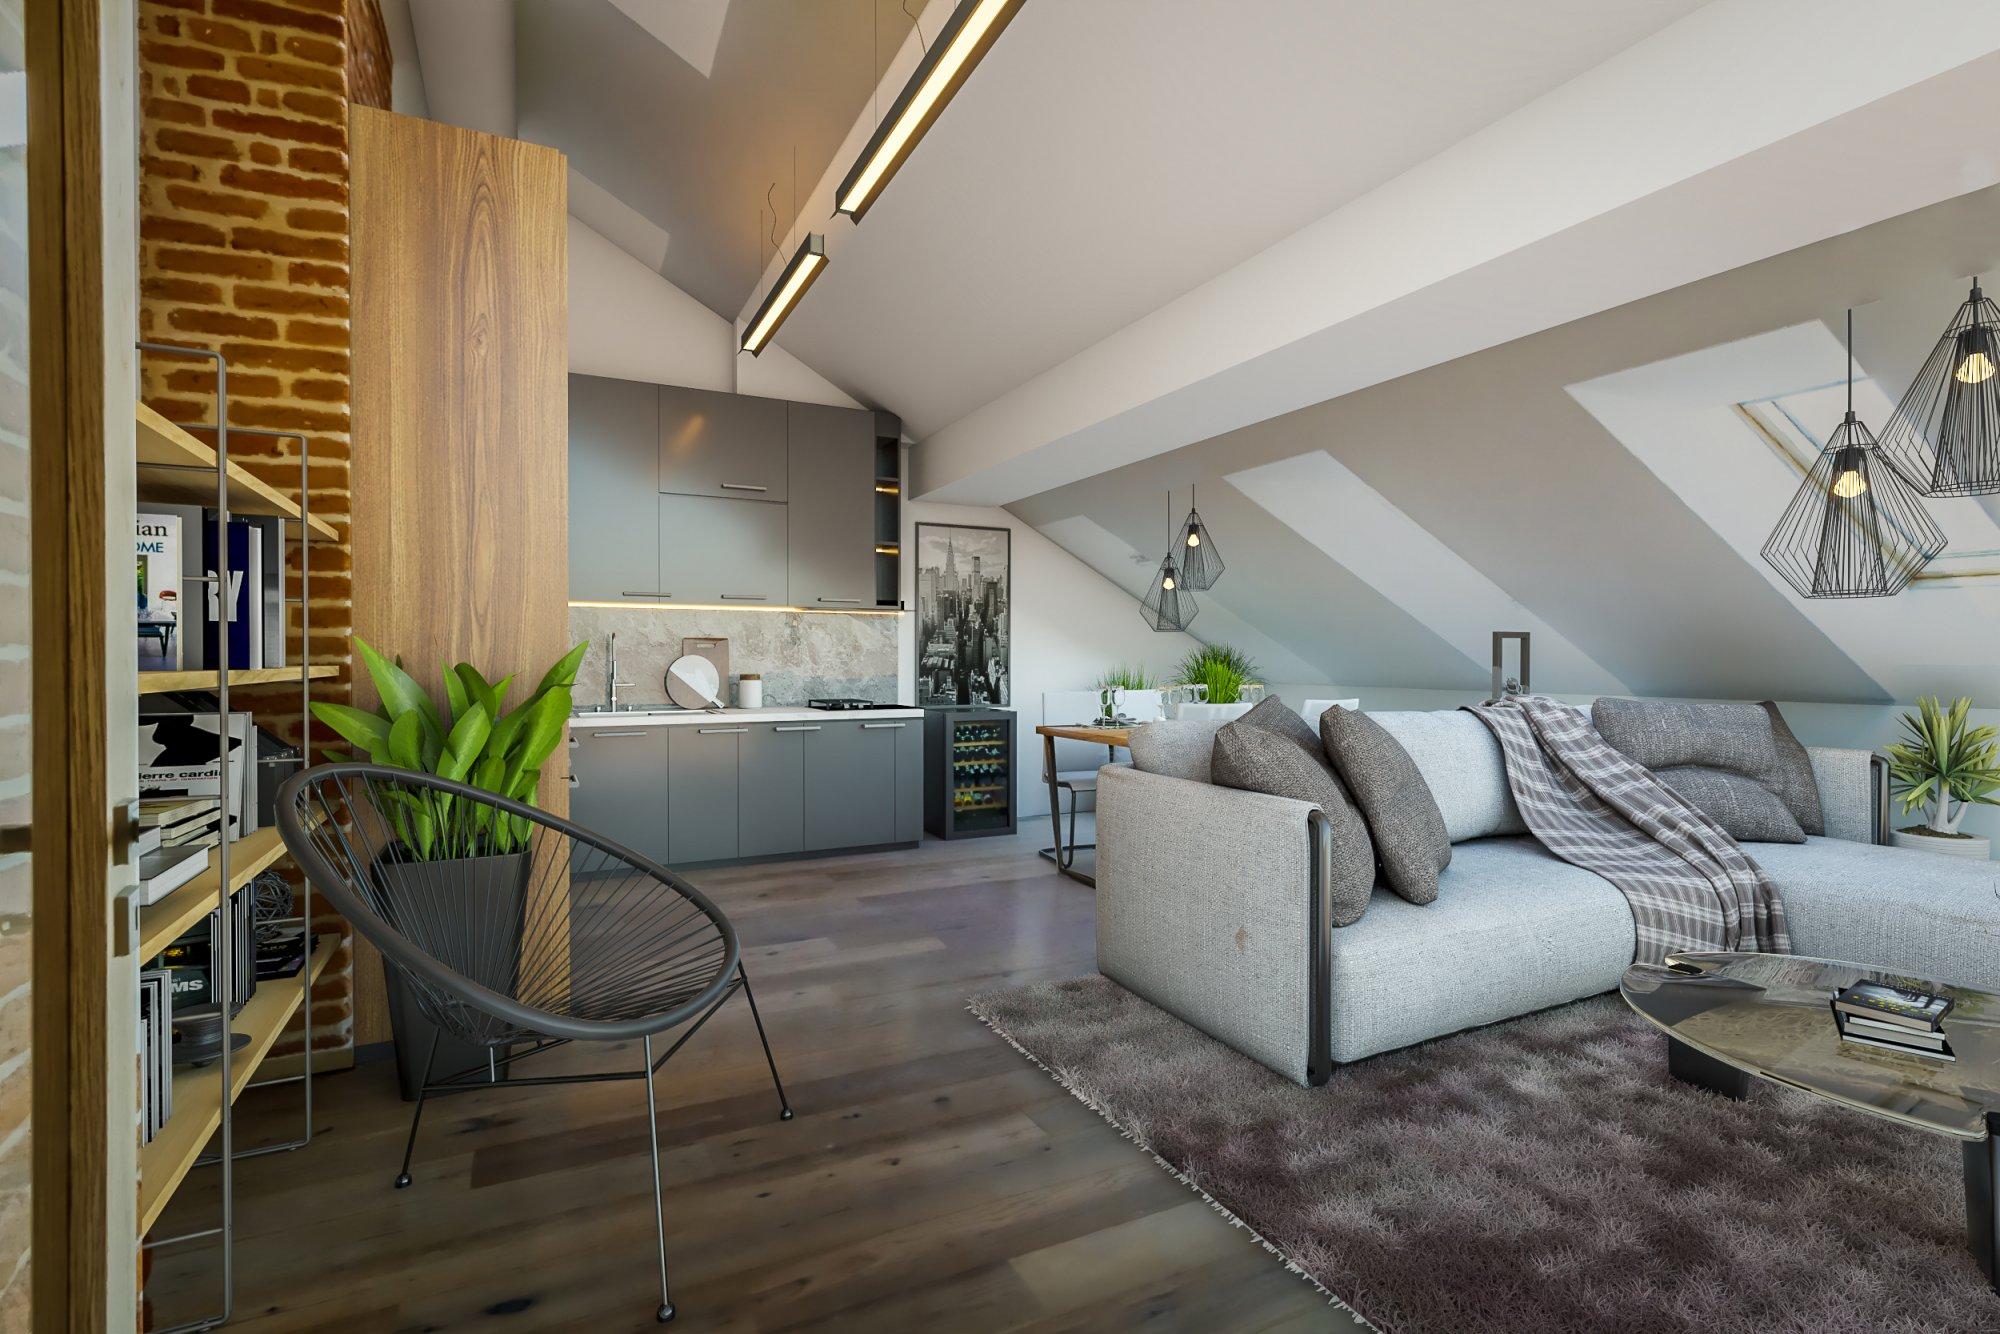 Půdní byt 4+kk, plocha 97 m², ulice Štefánikova, Praha 5 - Smíchov | 1